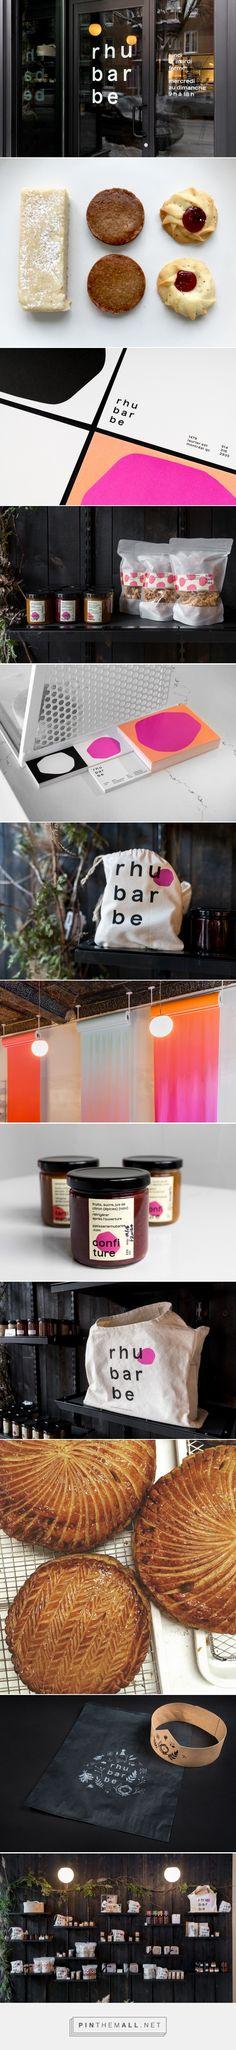 Pâtisserie Rhubarbe on Behance. Cafe branding, modern, brand design, branding, visual identity